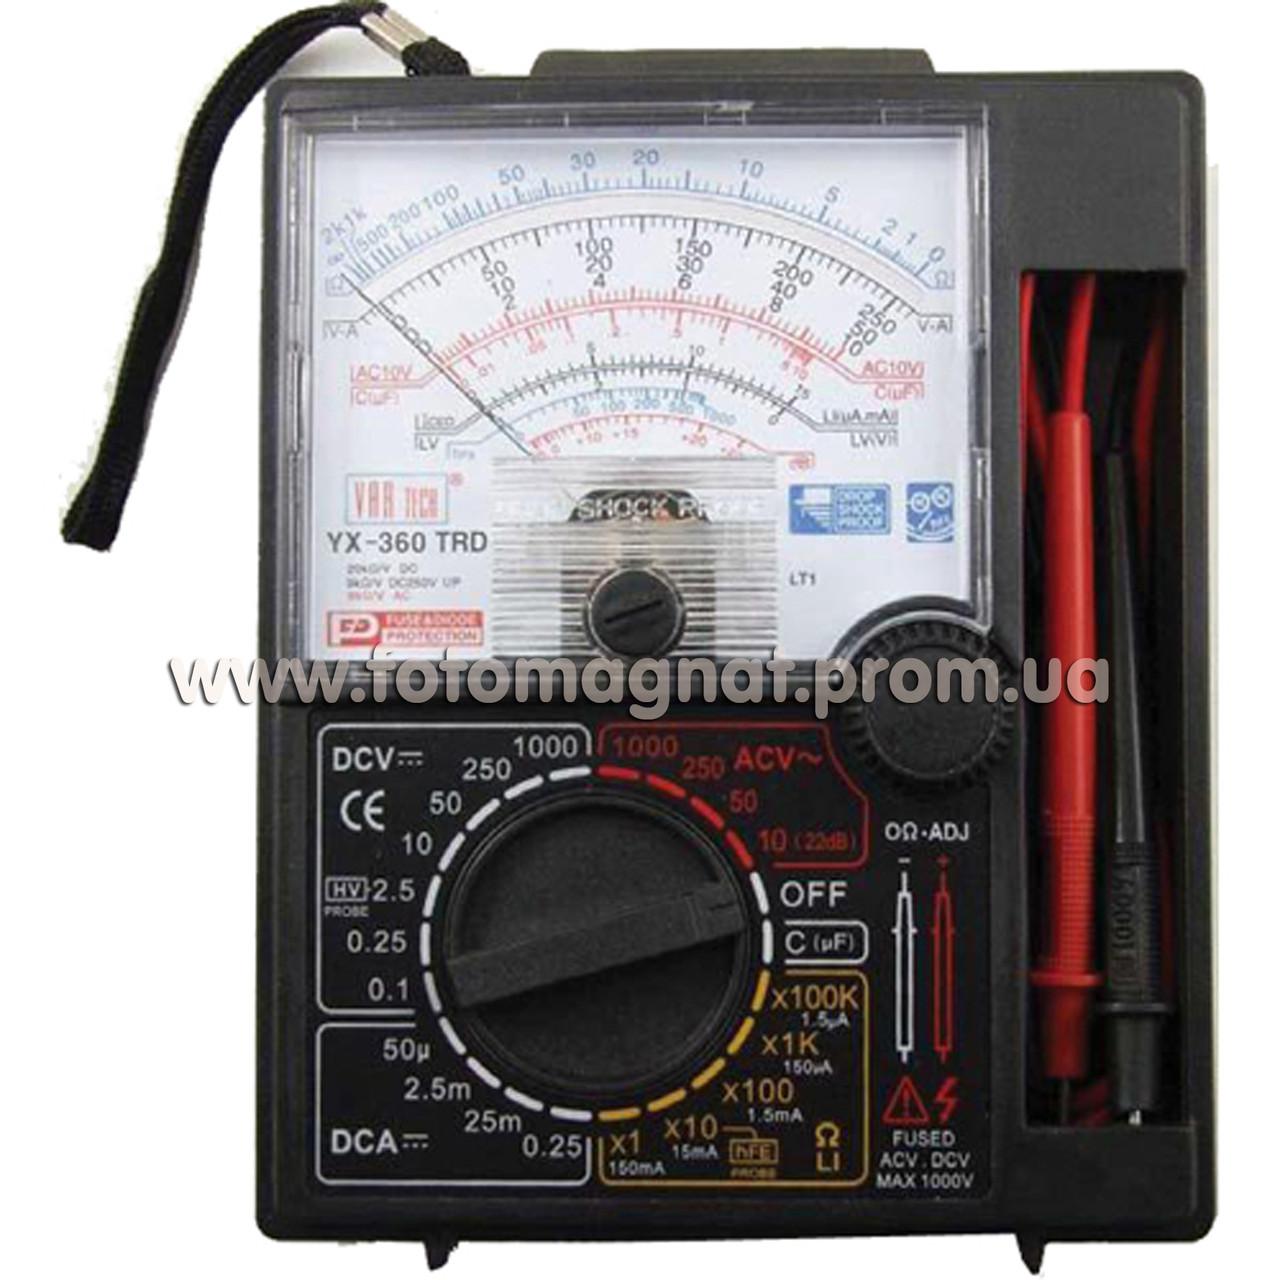 Тестер 360 TRD(тестер мультиметр)